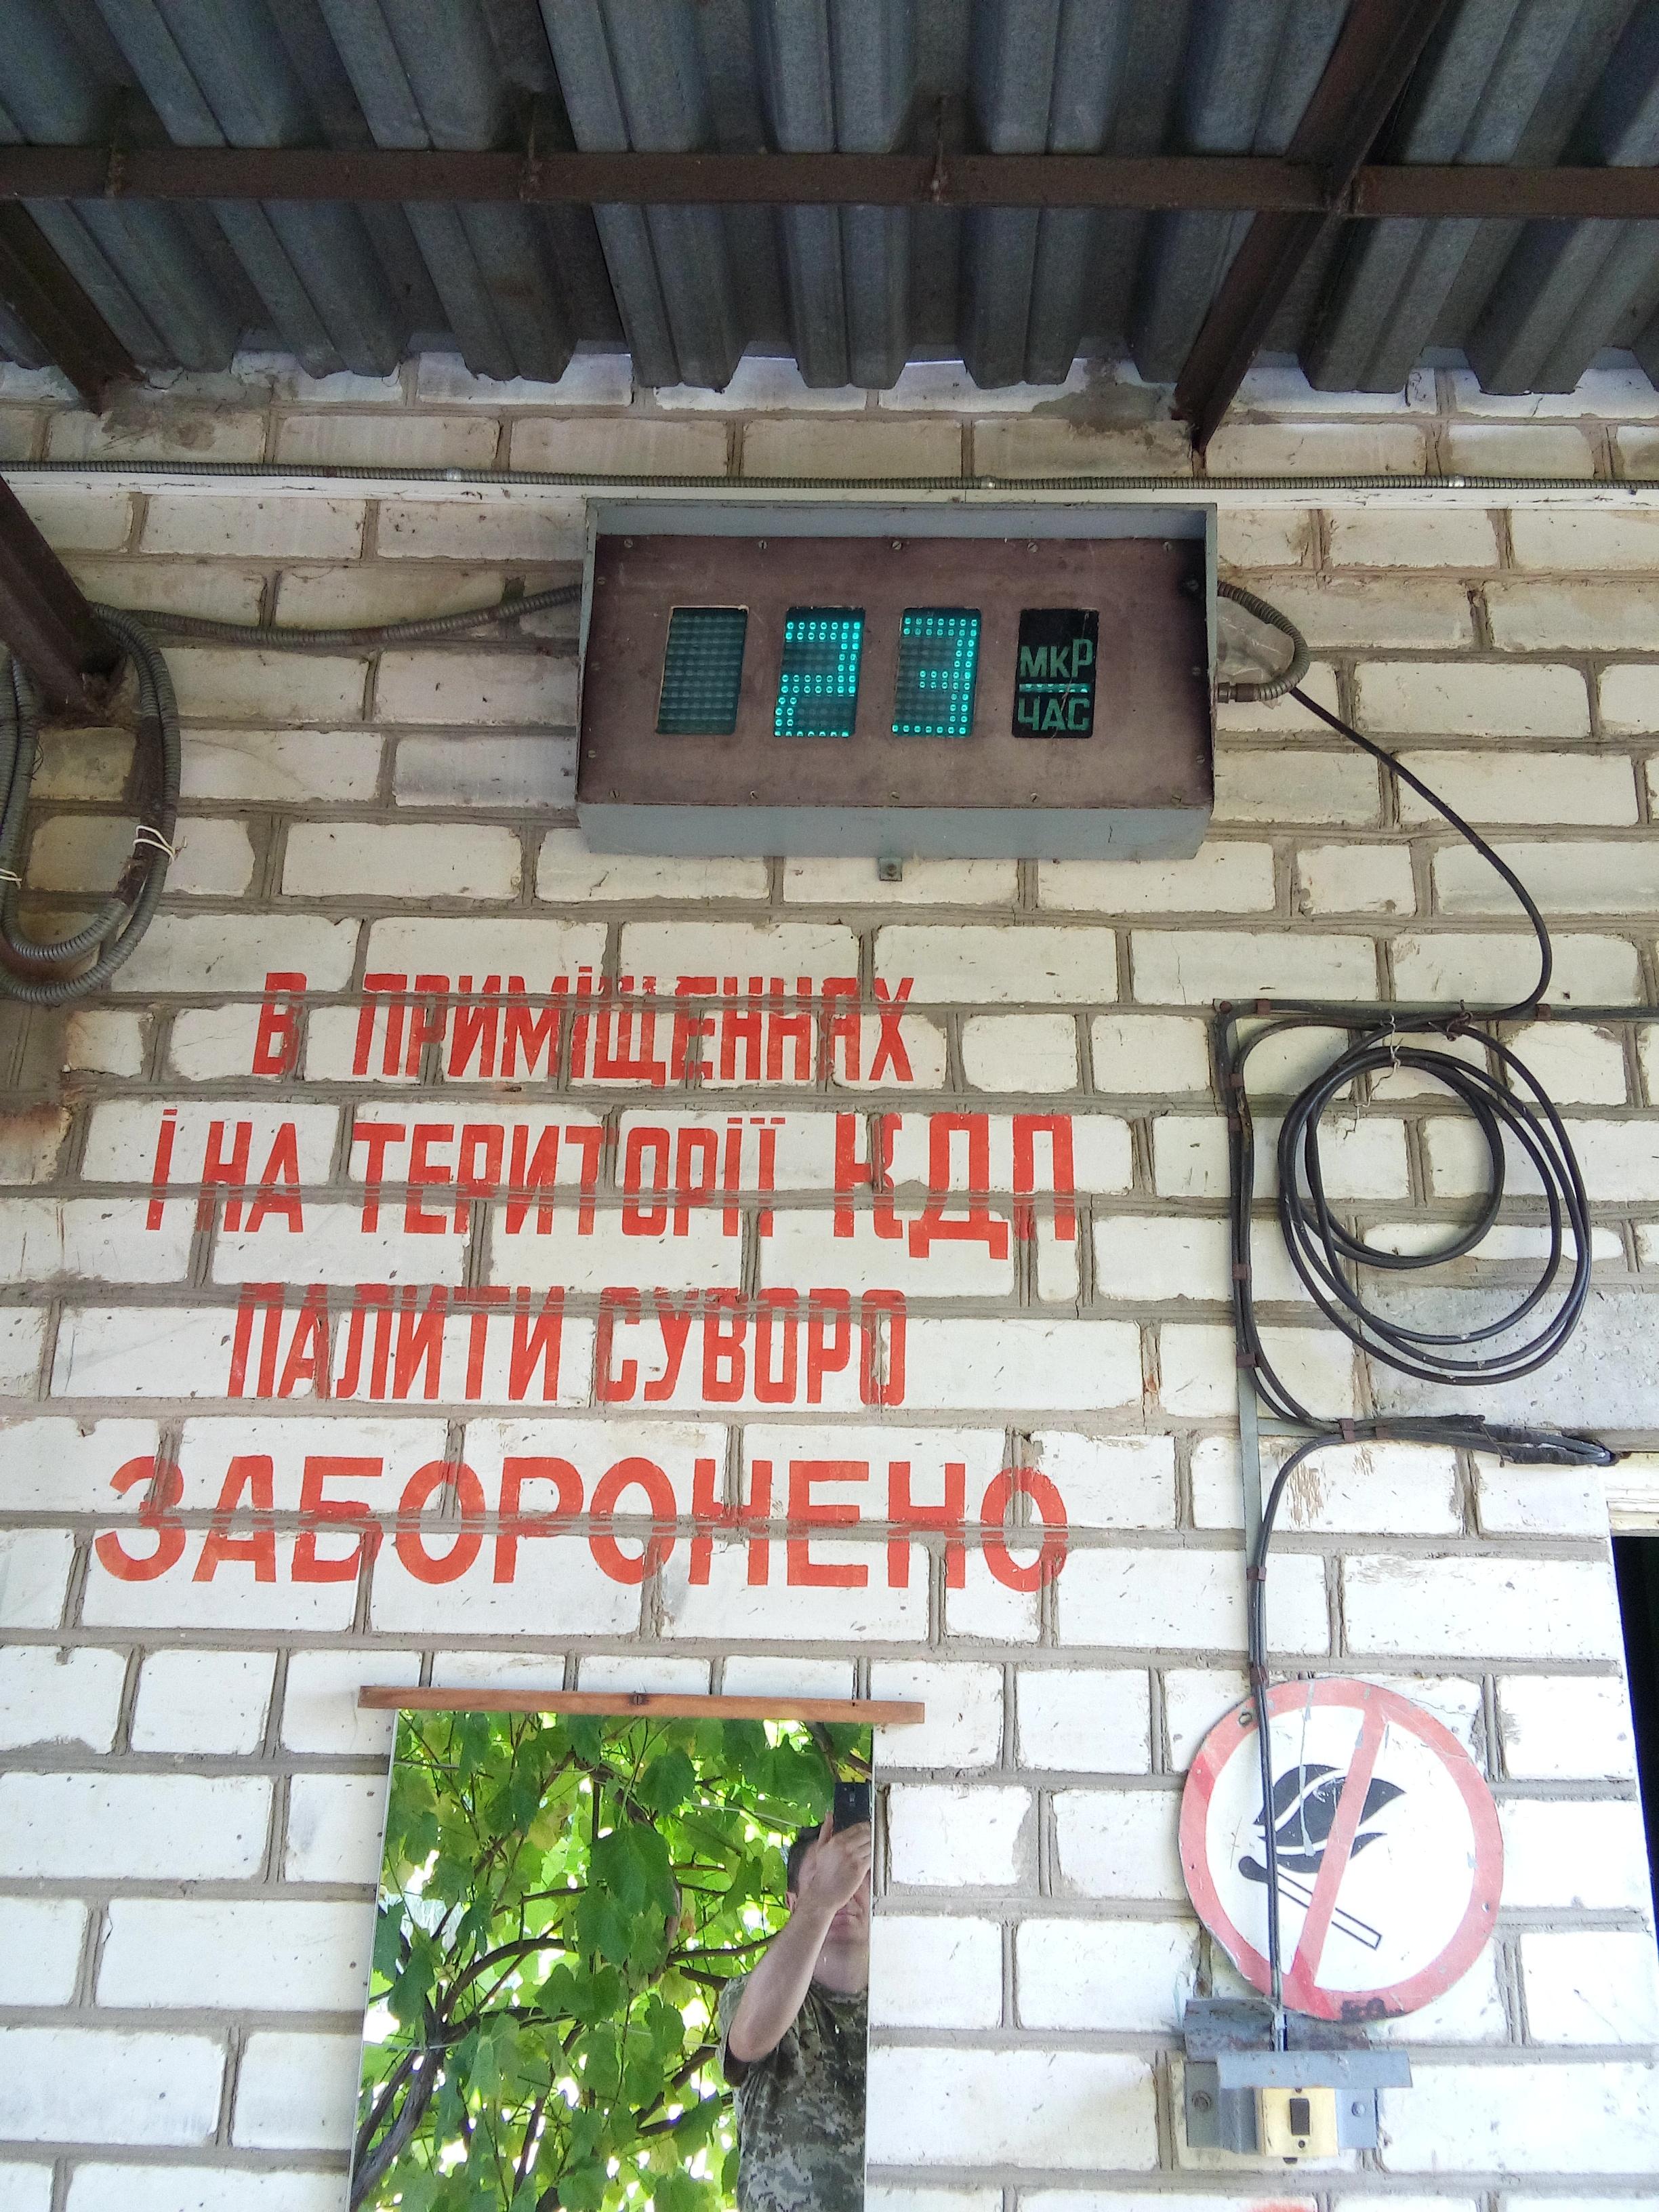 Изображение стороннего сайта - https://img-fotki.yandex.ru/get/31412/293457363.d/0_133152_97382106_orig.jpg